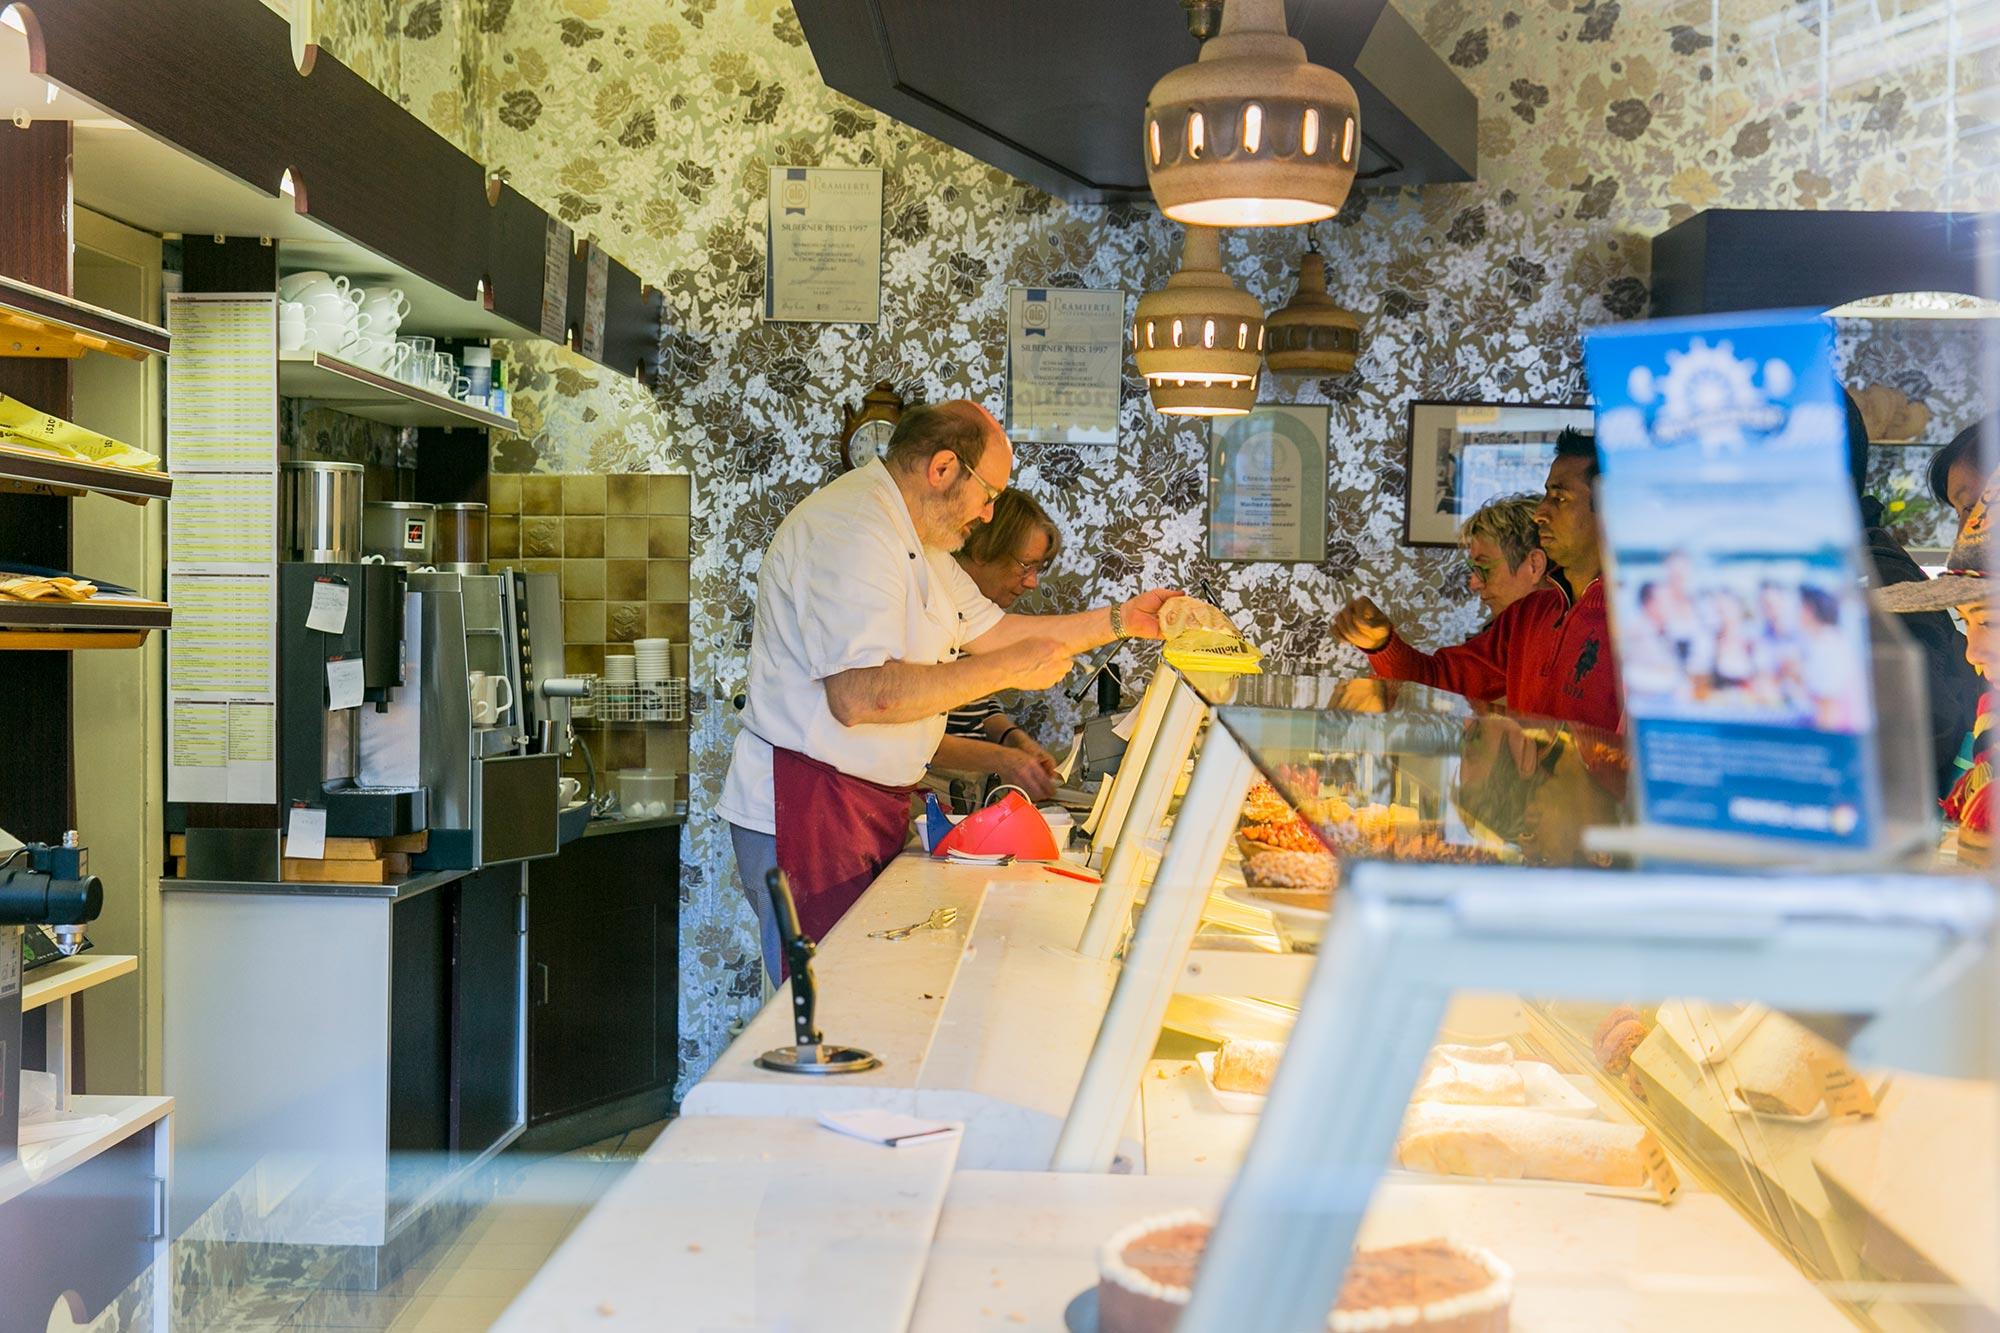 hollhorst bakery frankfurt